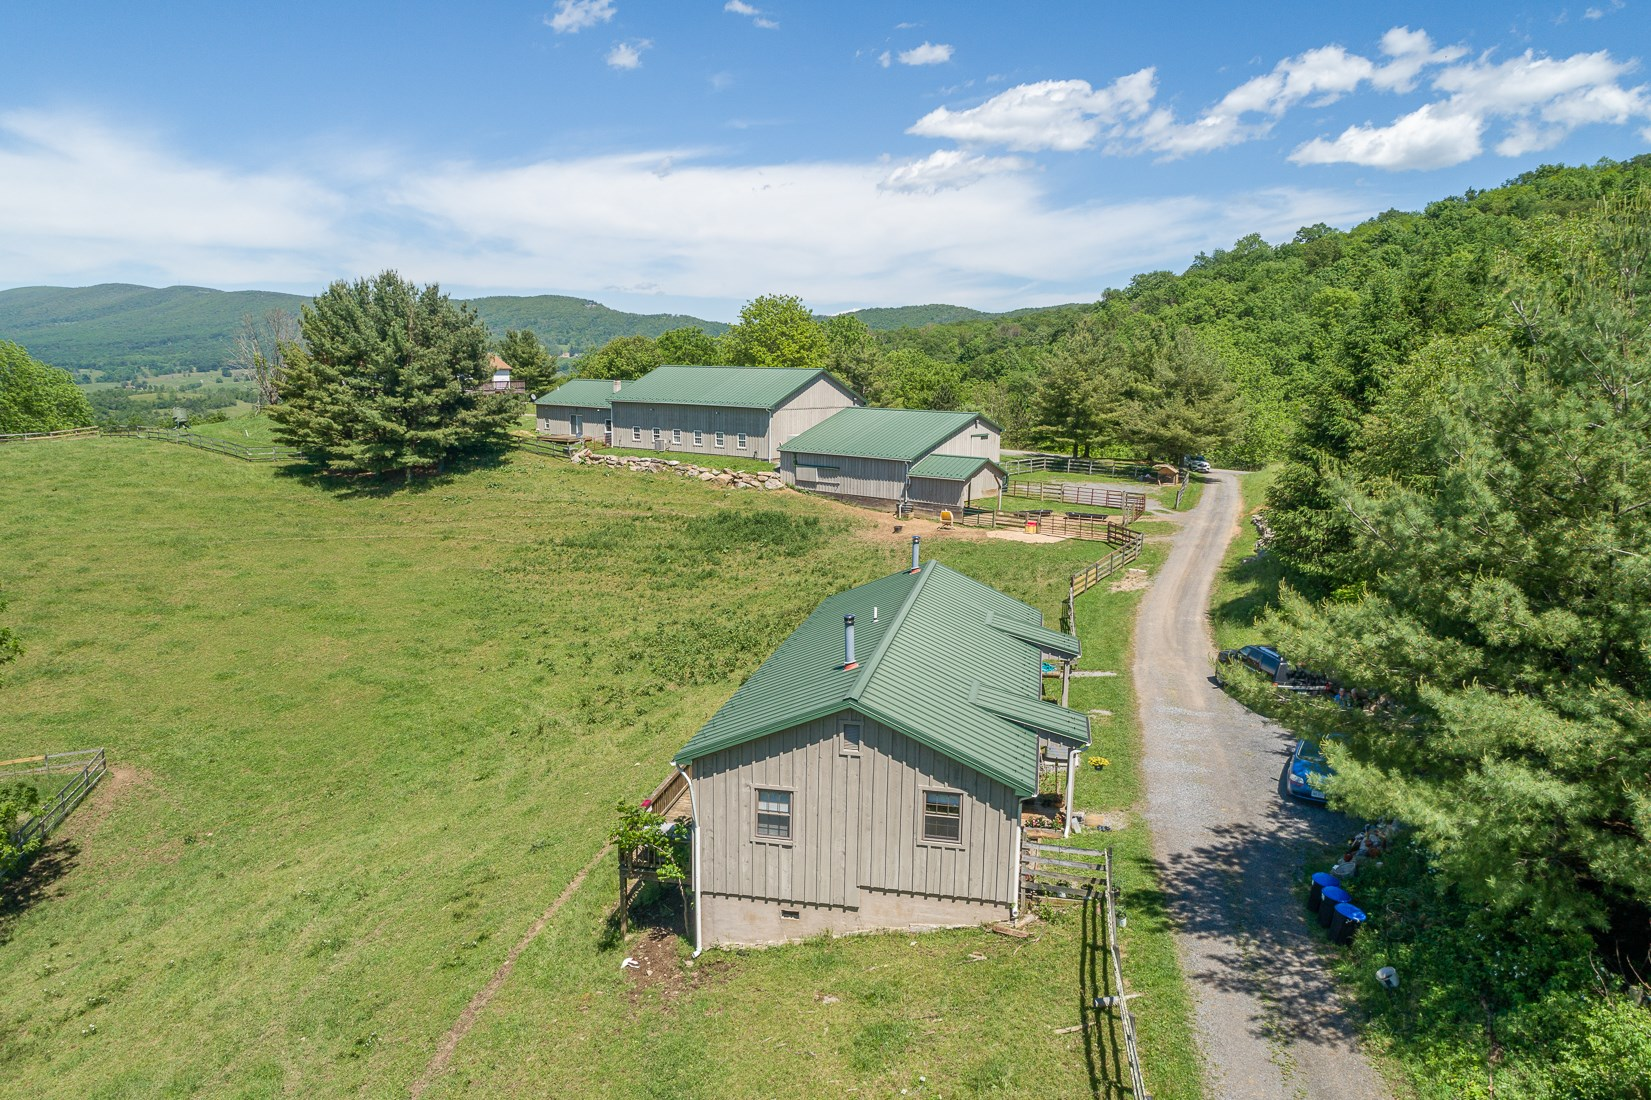 Guest Cottage & Buildings